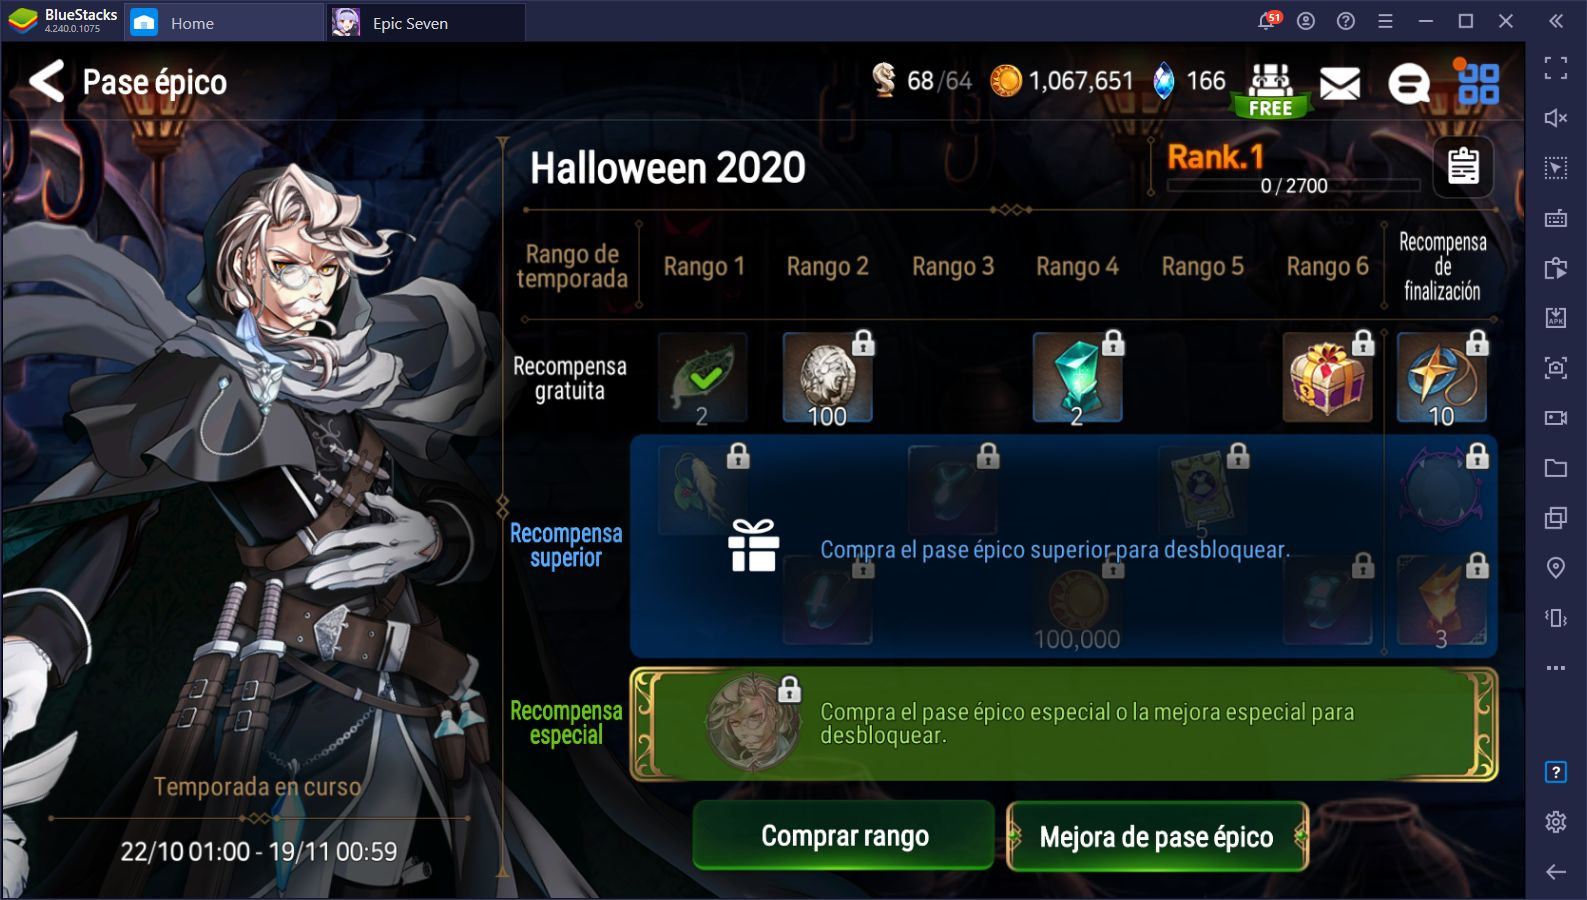 Halloween 2020 en Epic Seven – Pase Épico Exclusivo y Nuevos Estandartes de Invocación